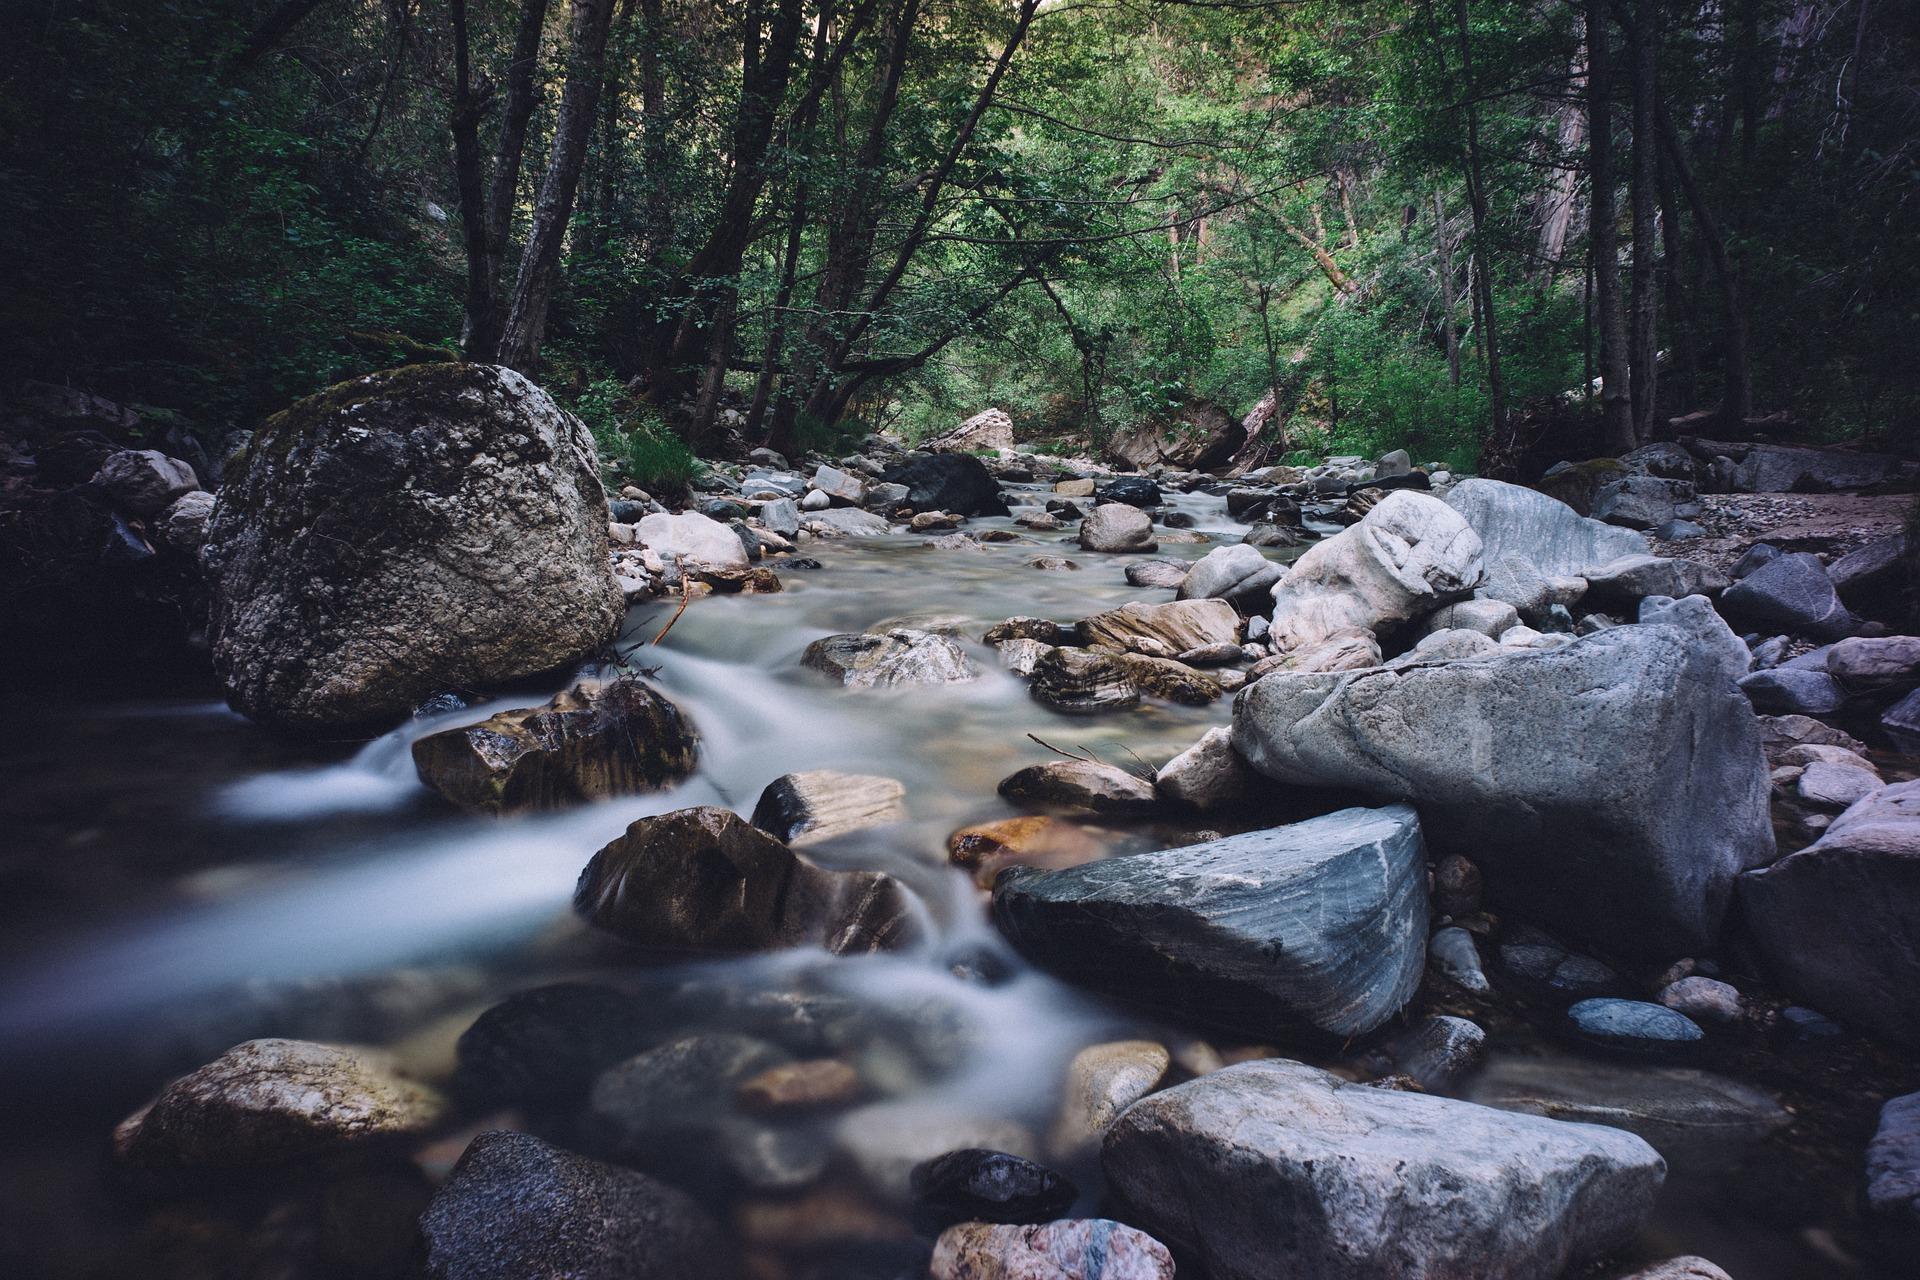 rocks-1246183_1920